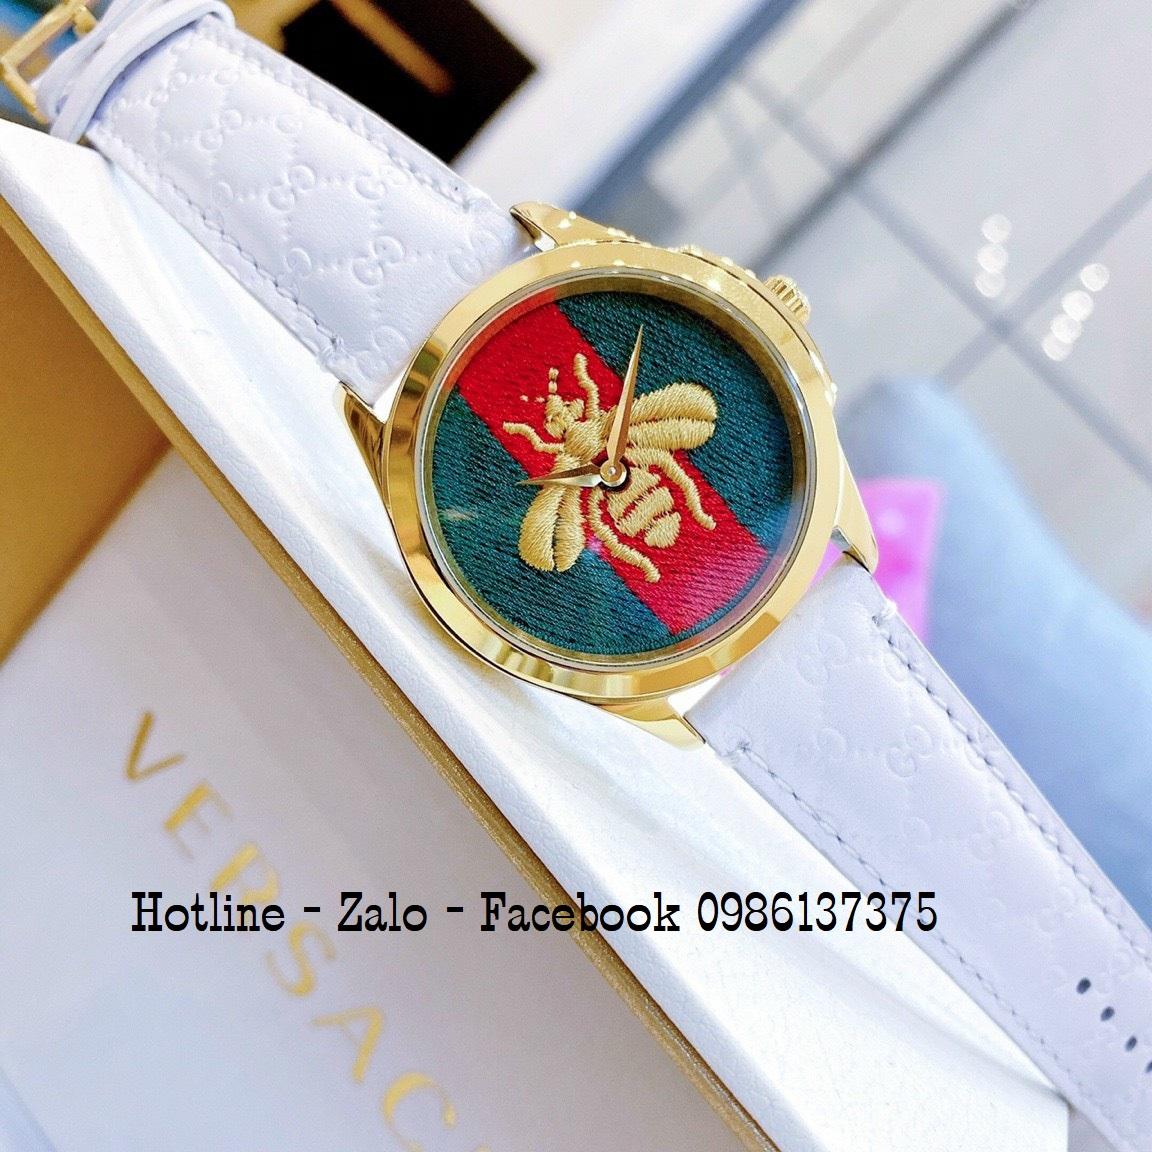 Đồng Hồ Nữ Gucci Ong Dây Da Trắng Gold 36mm